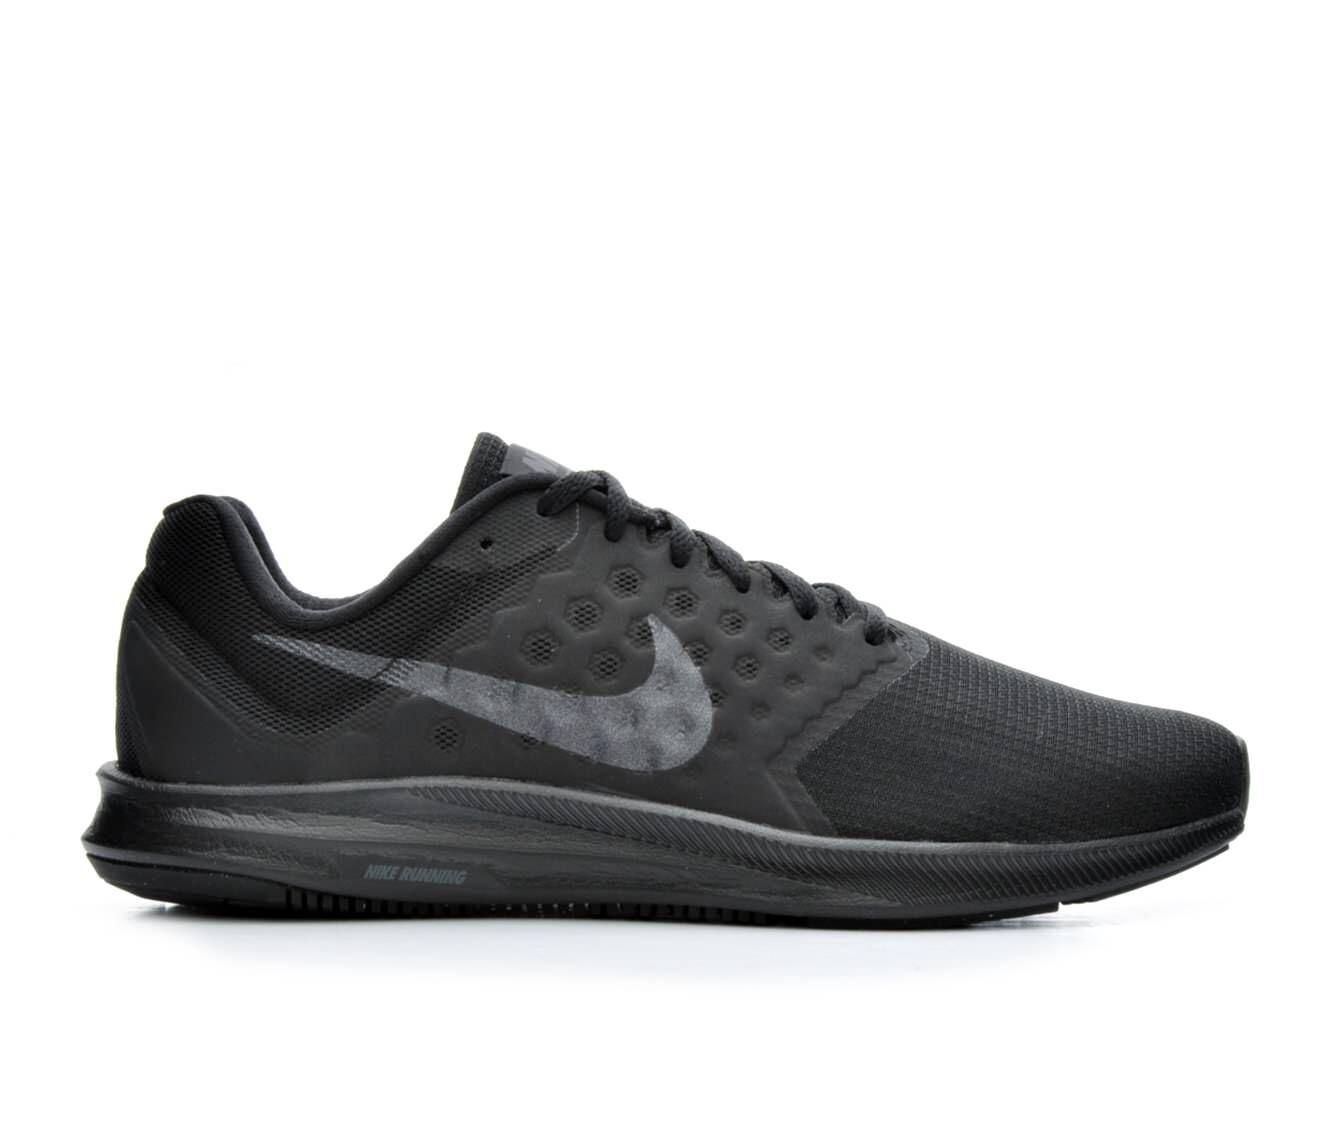 huge discount e4562 1779a Men u0026 39 s Nike Downshifter 7 Running Shoes